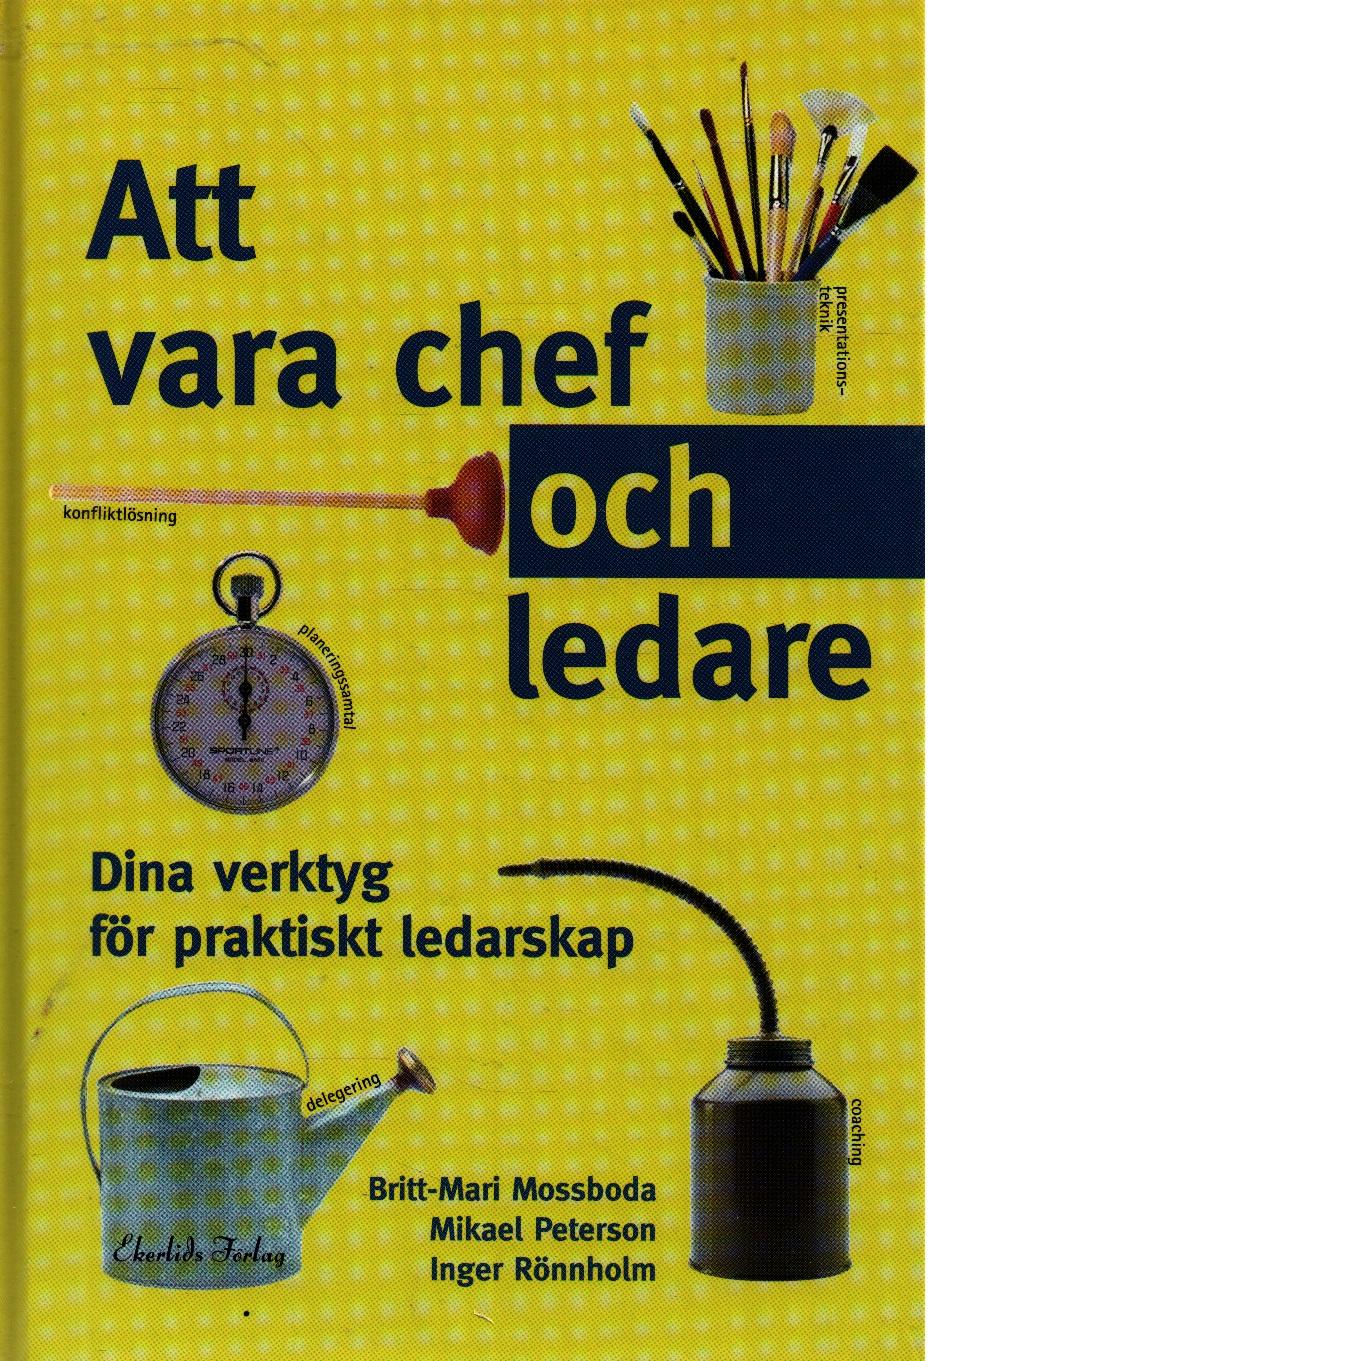 Att vara chef och ledare : dina verktyg för praktiskt ledarskap - Mossboda, Britt-Mari och Peterson, Mikael, samt Rönnholm, Inga